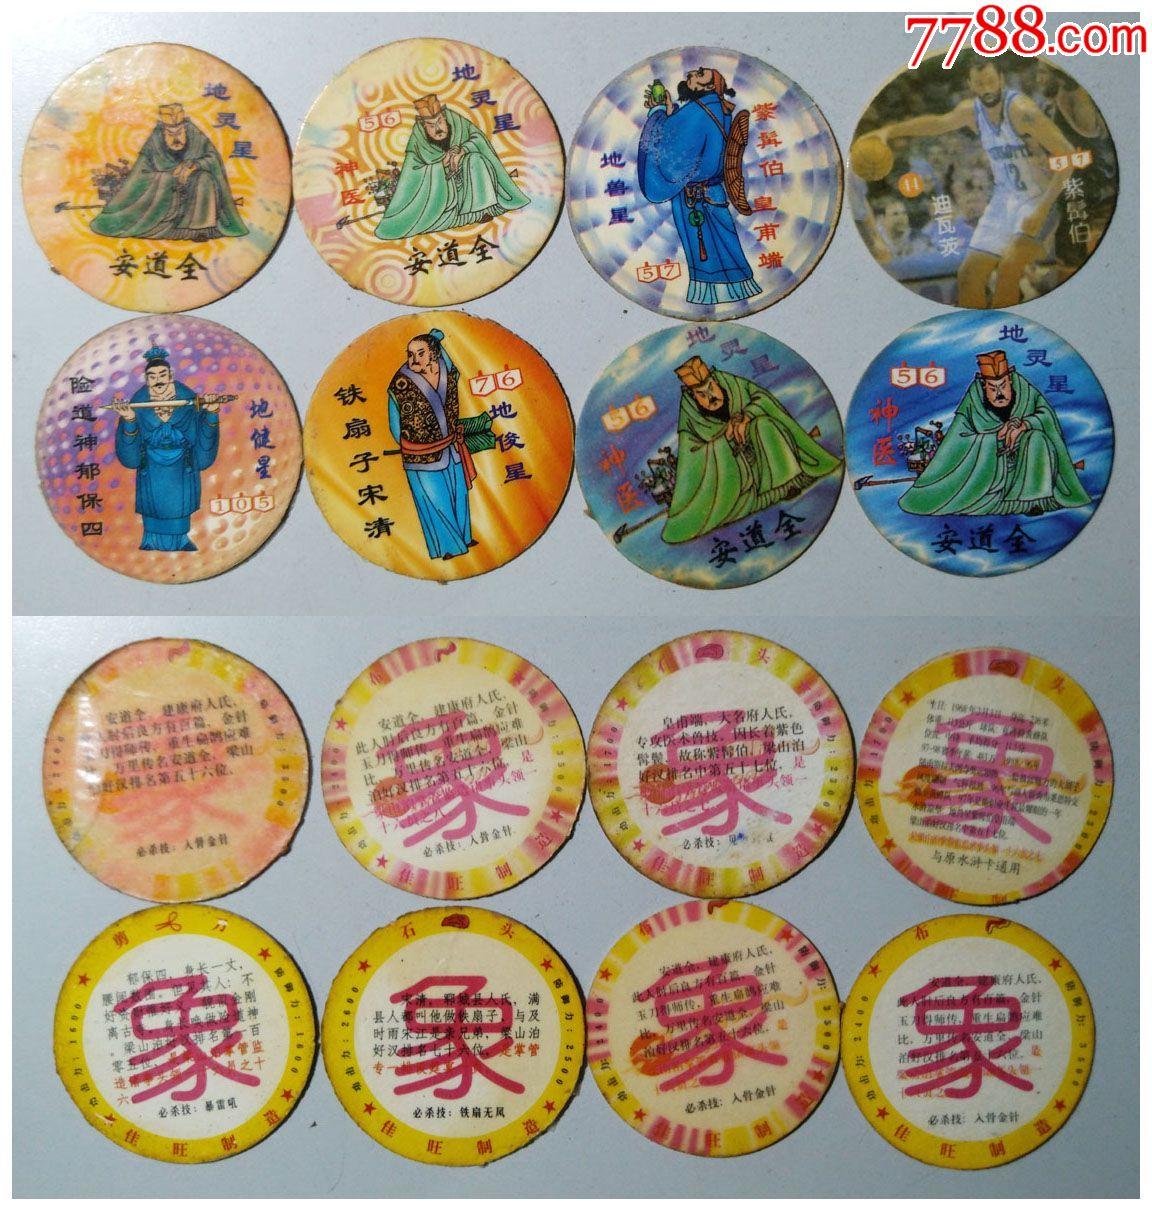 象棋-古代名著漫画食品圆卡一组百余枚_价格7566元_第17张_